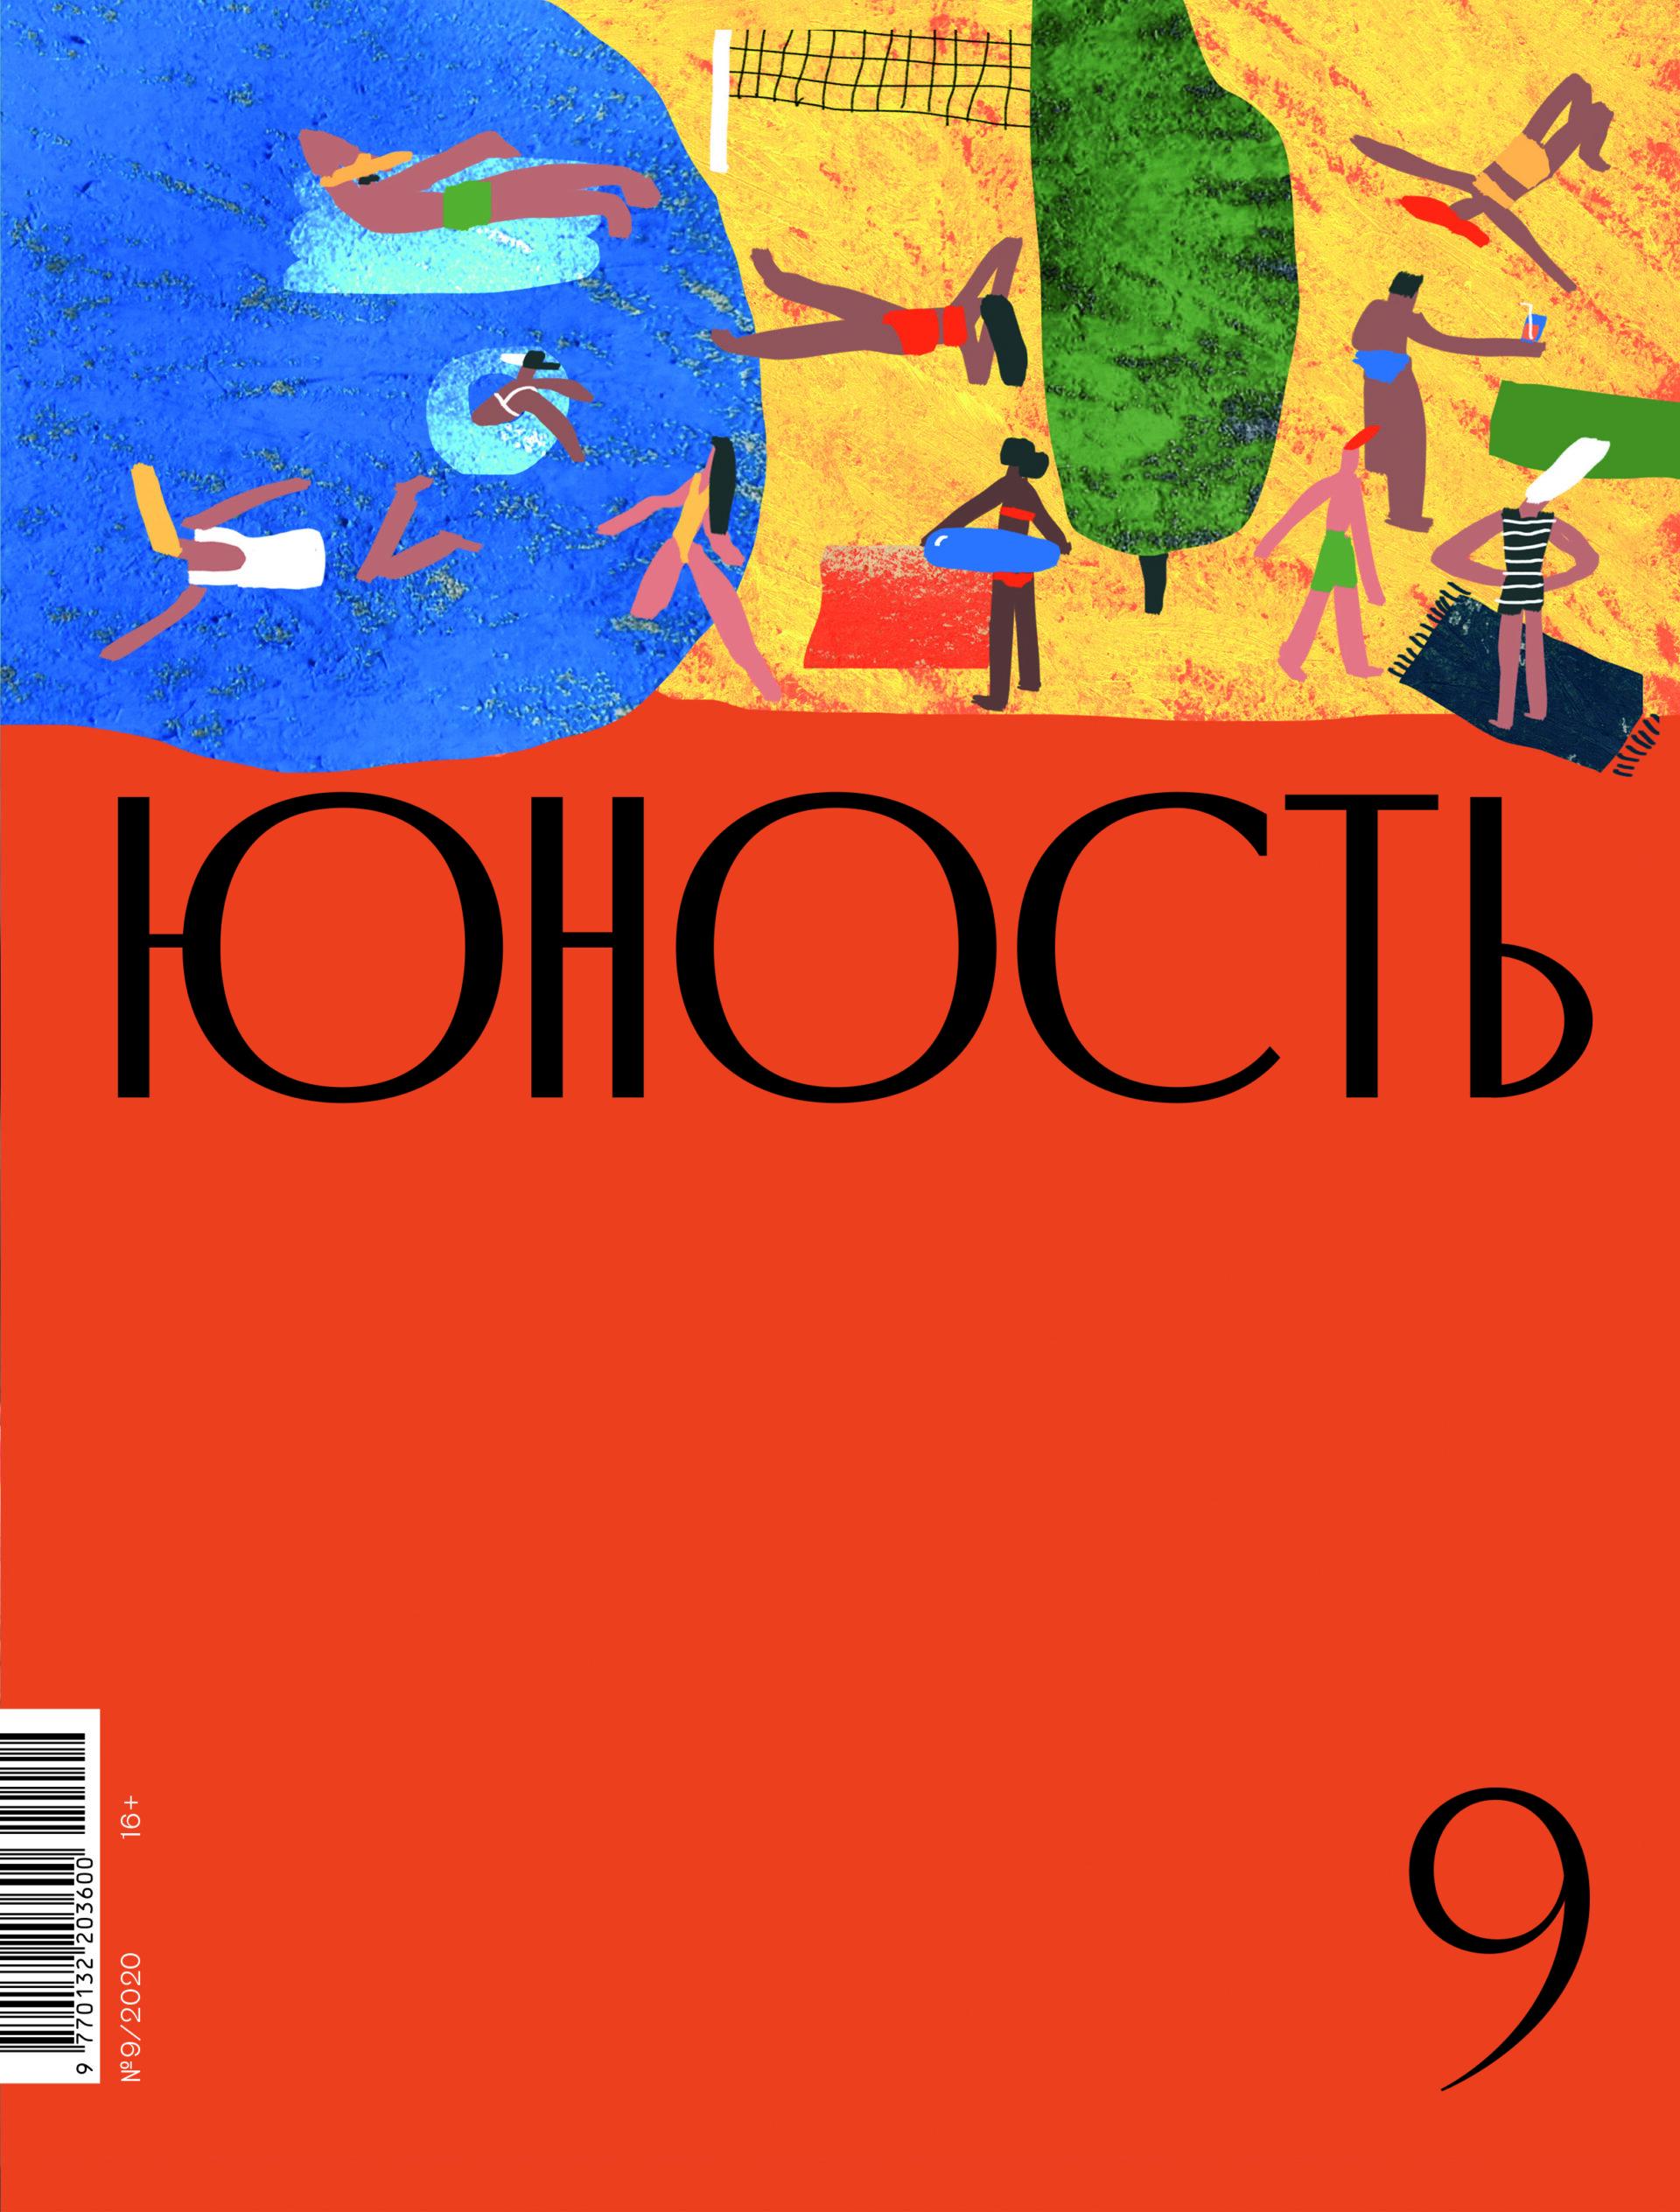 Содержание сентябрьского номера журнала «Юность»